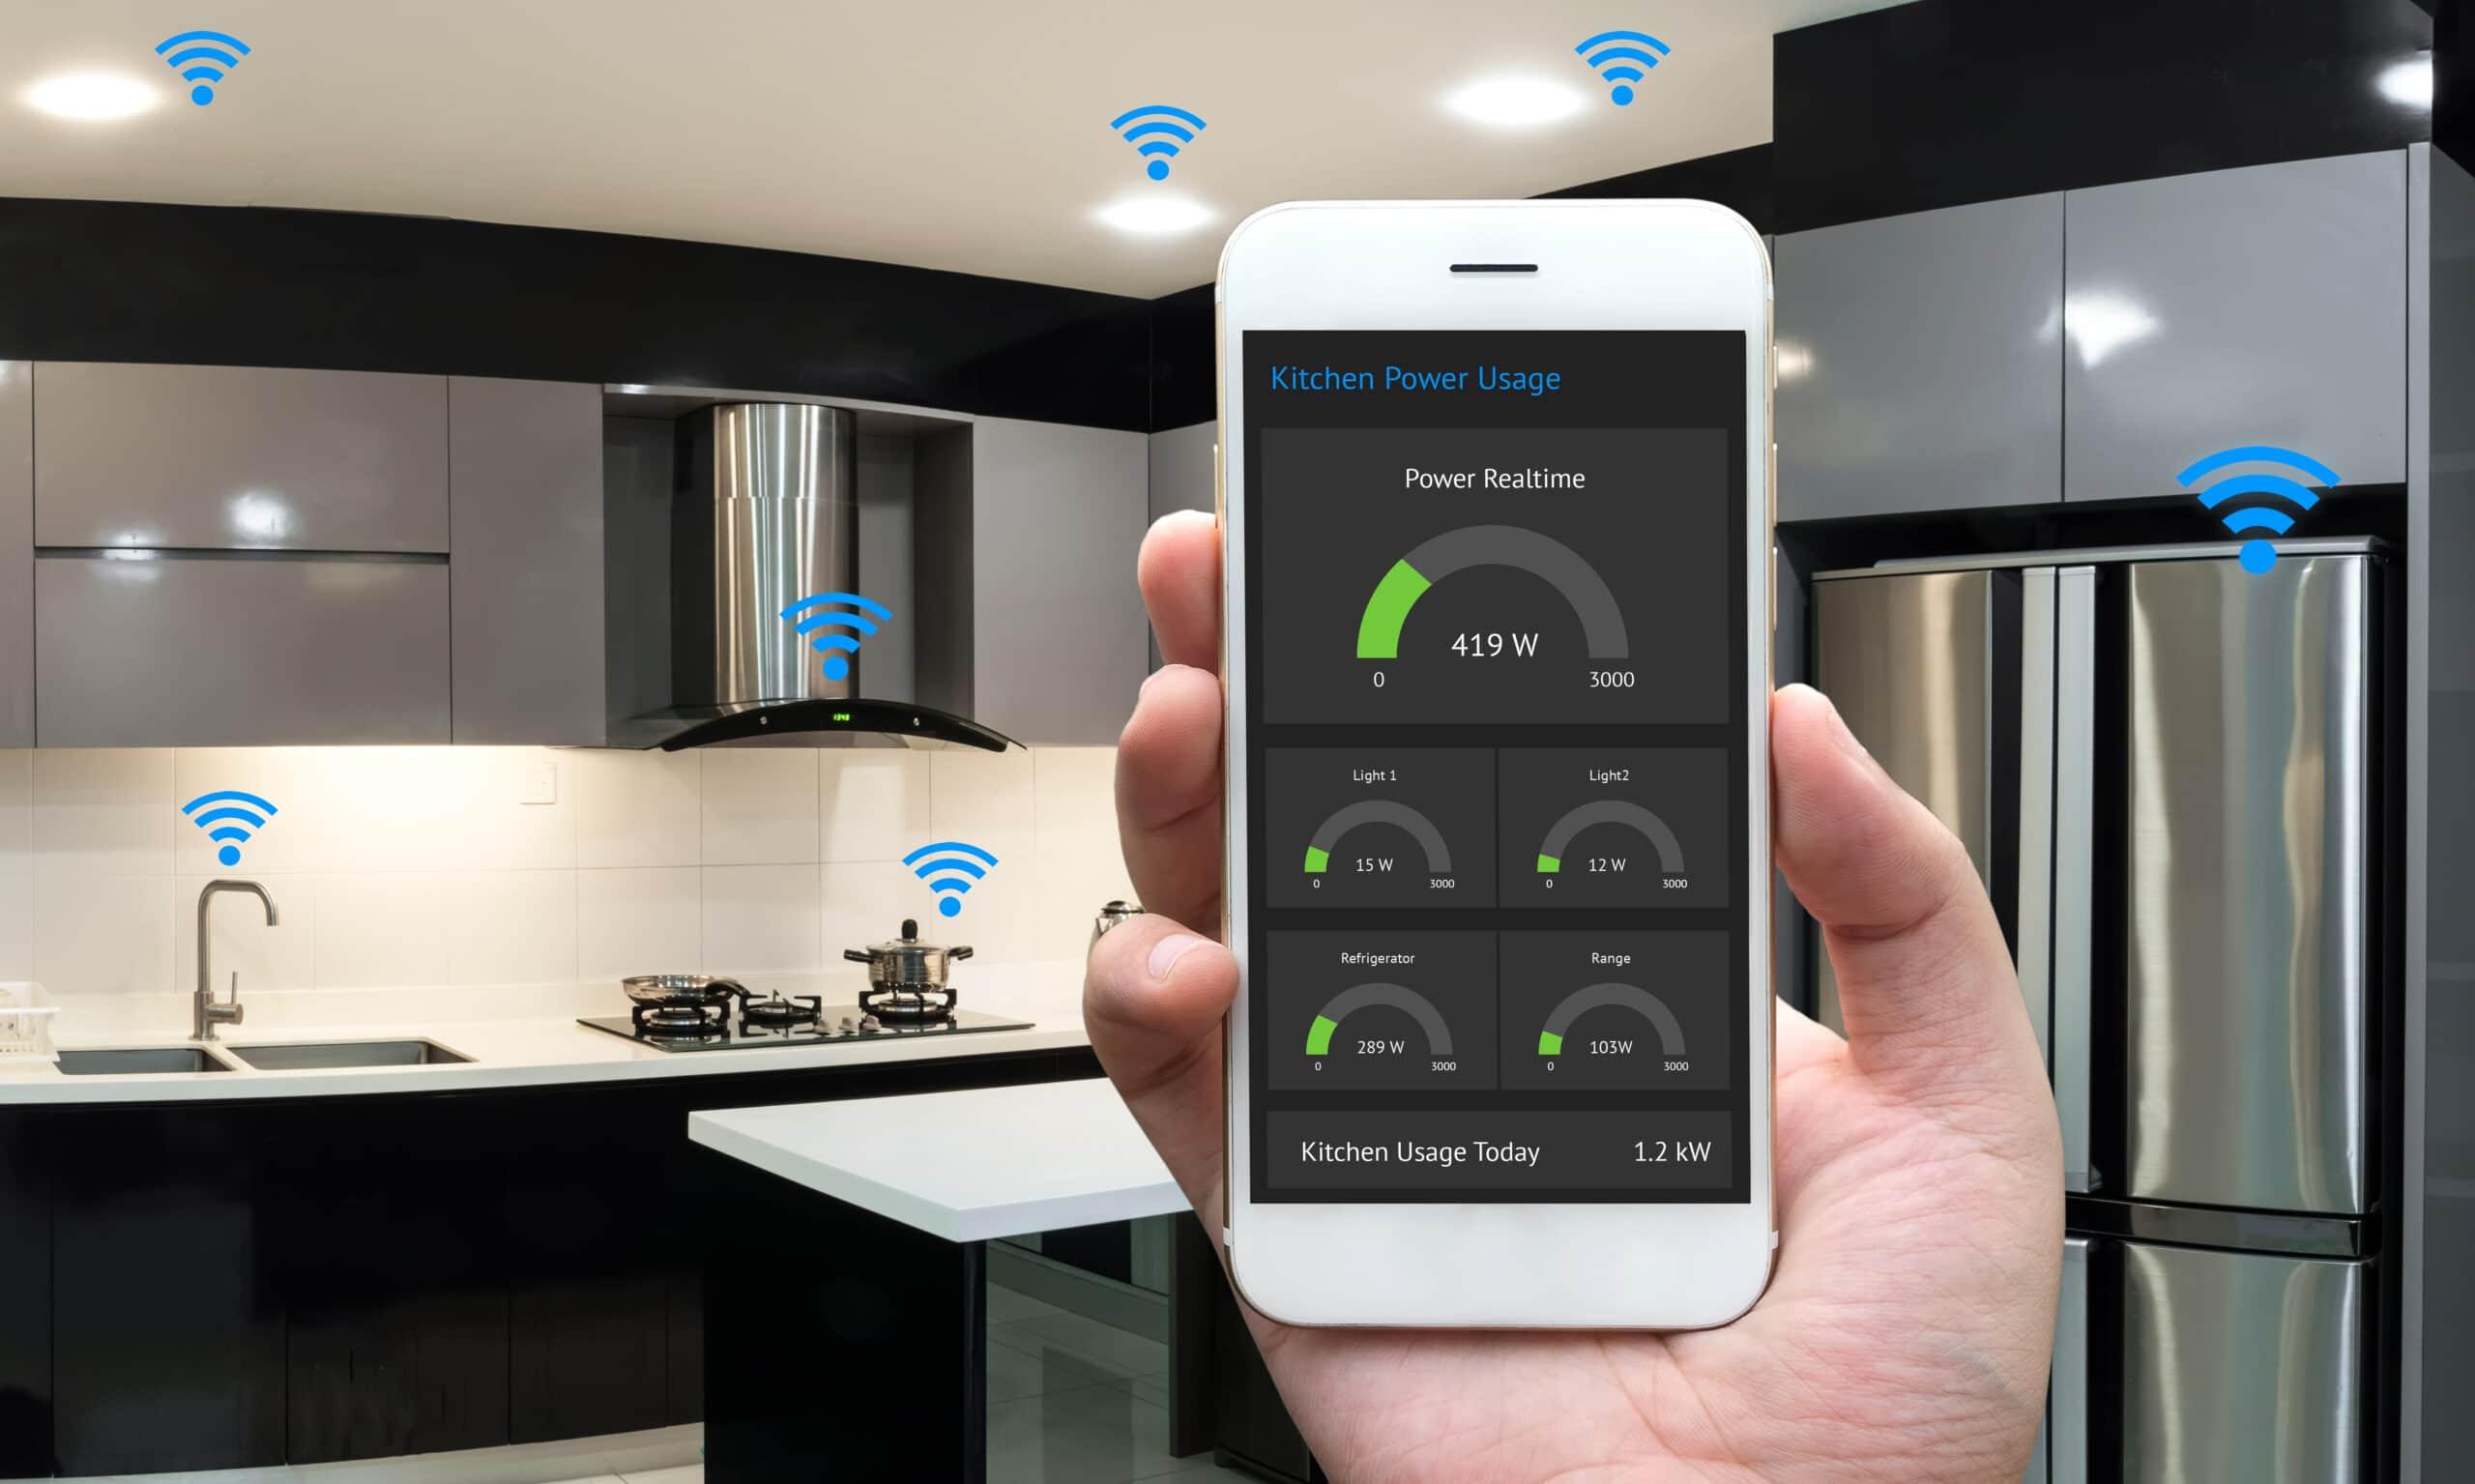 Λύσεις για έξυπνο σπίτι με KNX